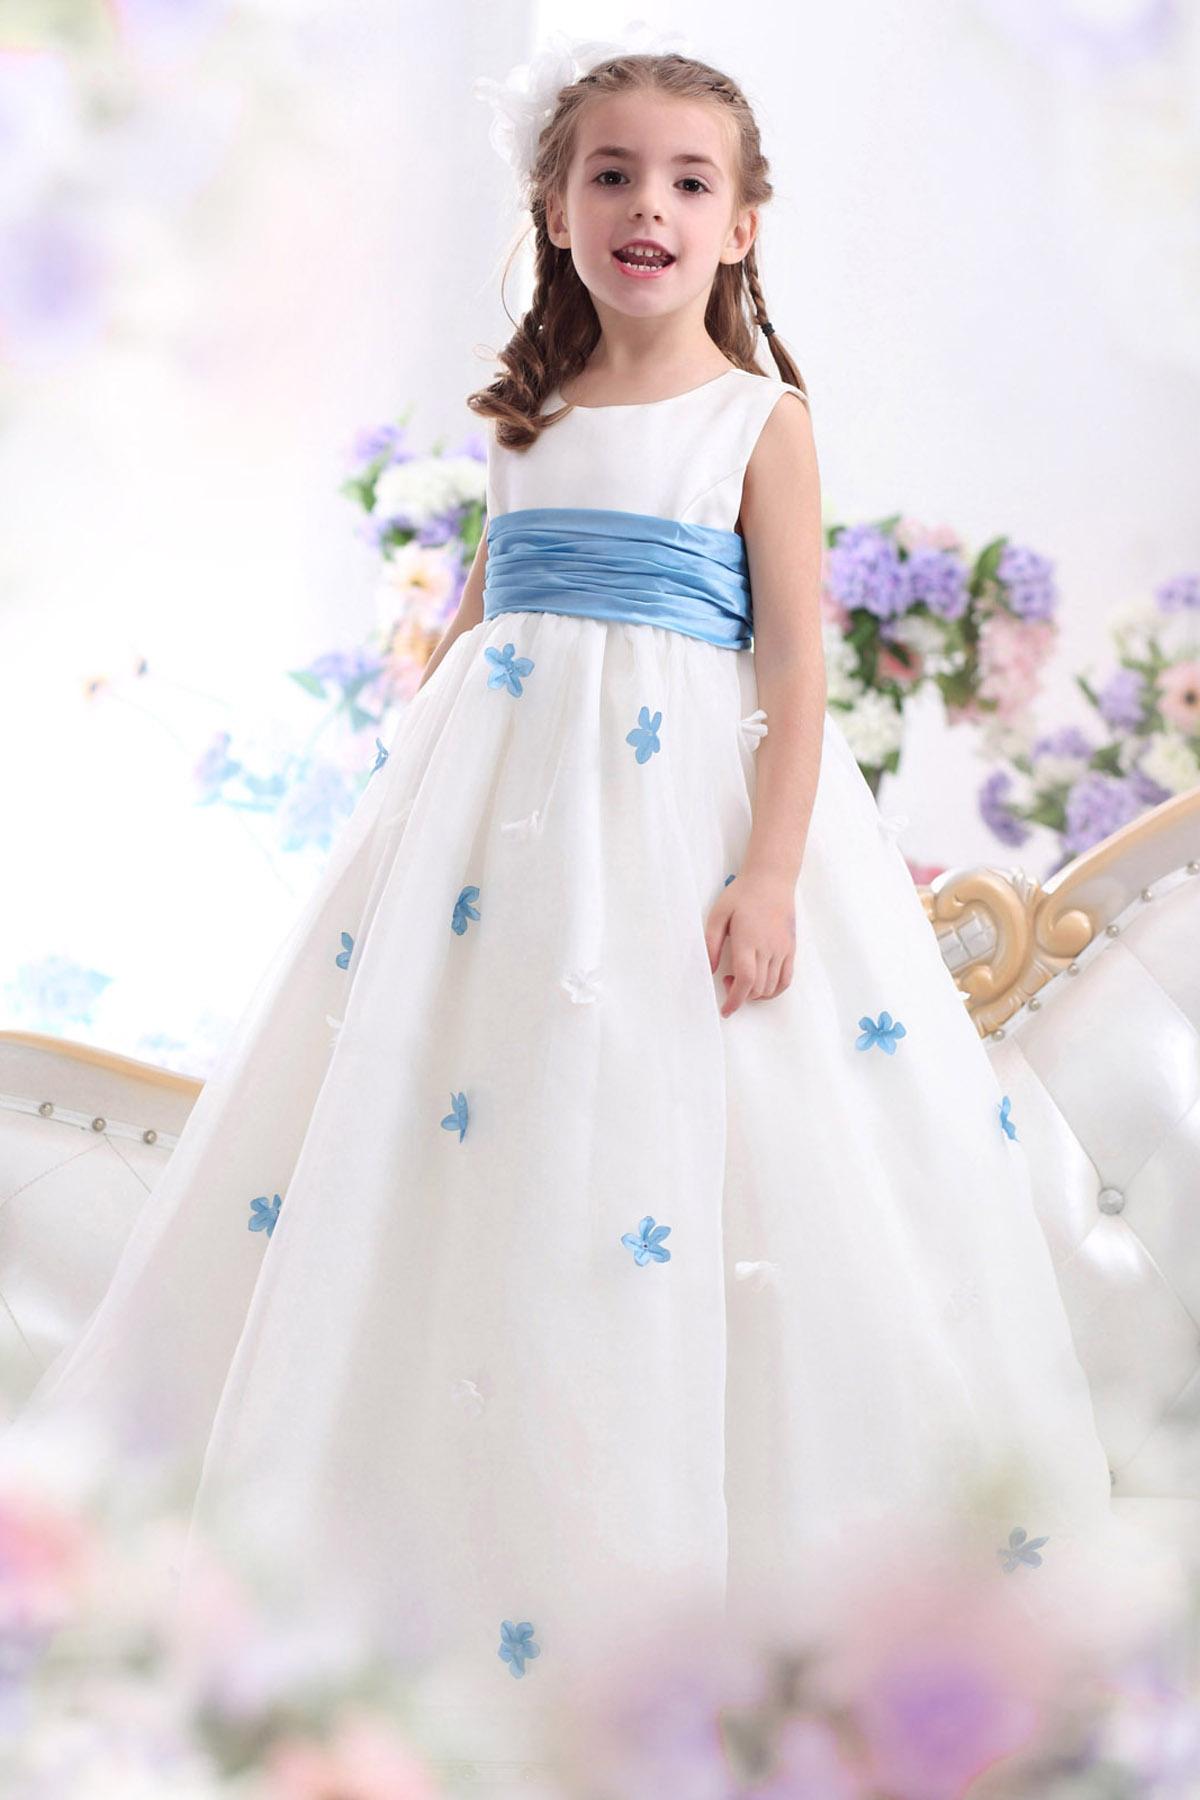 99c13672a6d1 Billig brudklänning, balklänning, bröllopsklänning & festklänning i  Stockholm,bromma Matildas fest - Näbbklänning G12002 lagervara